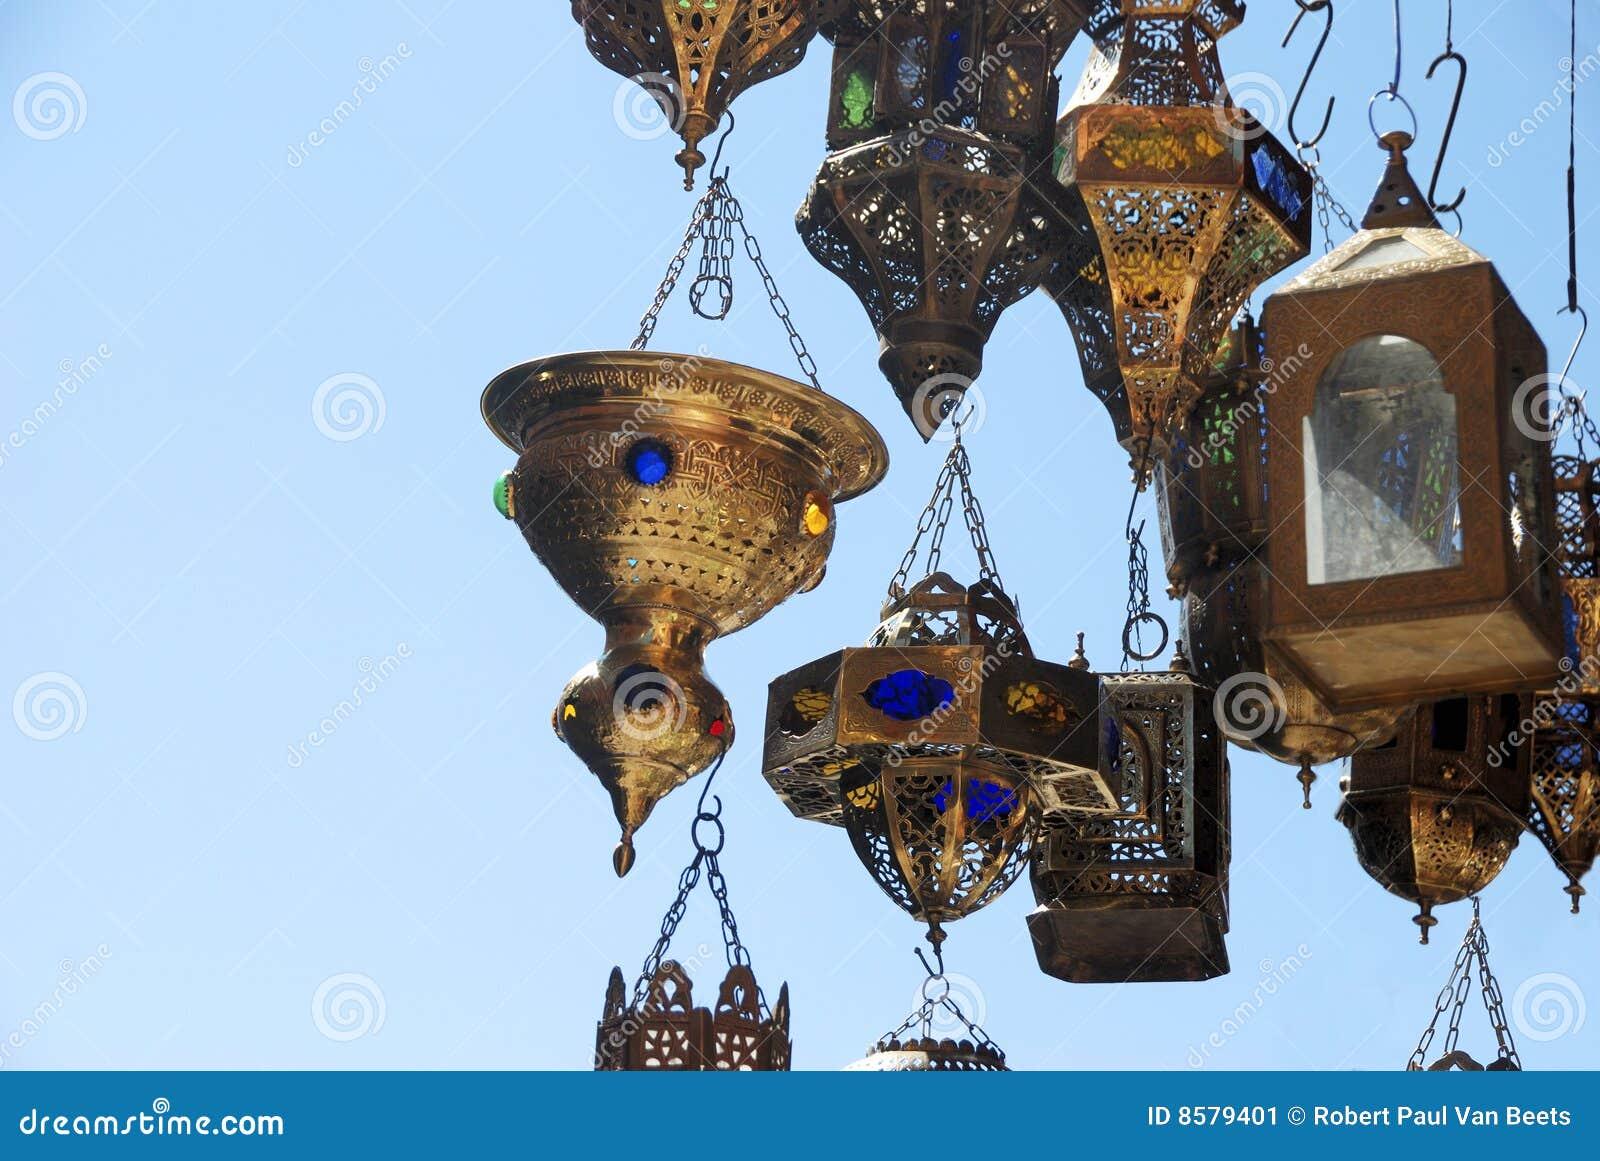 lmparas en un almacn en marrakesh marruecos imagen de archivo